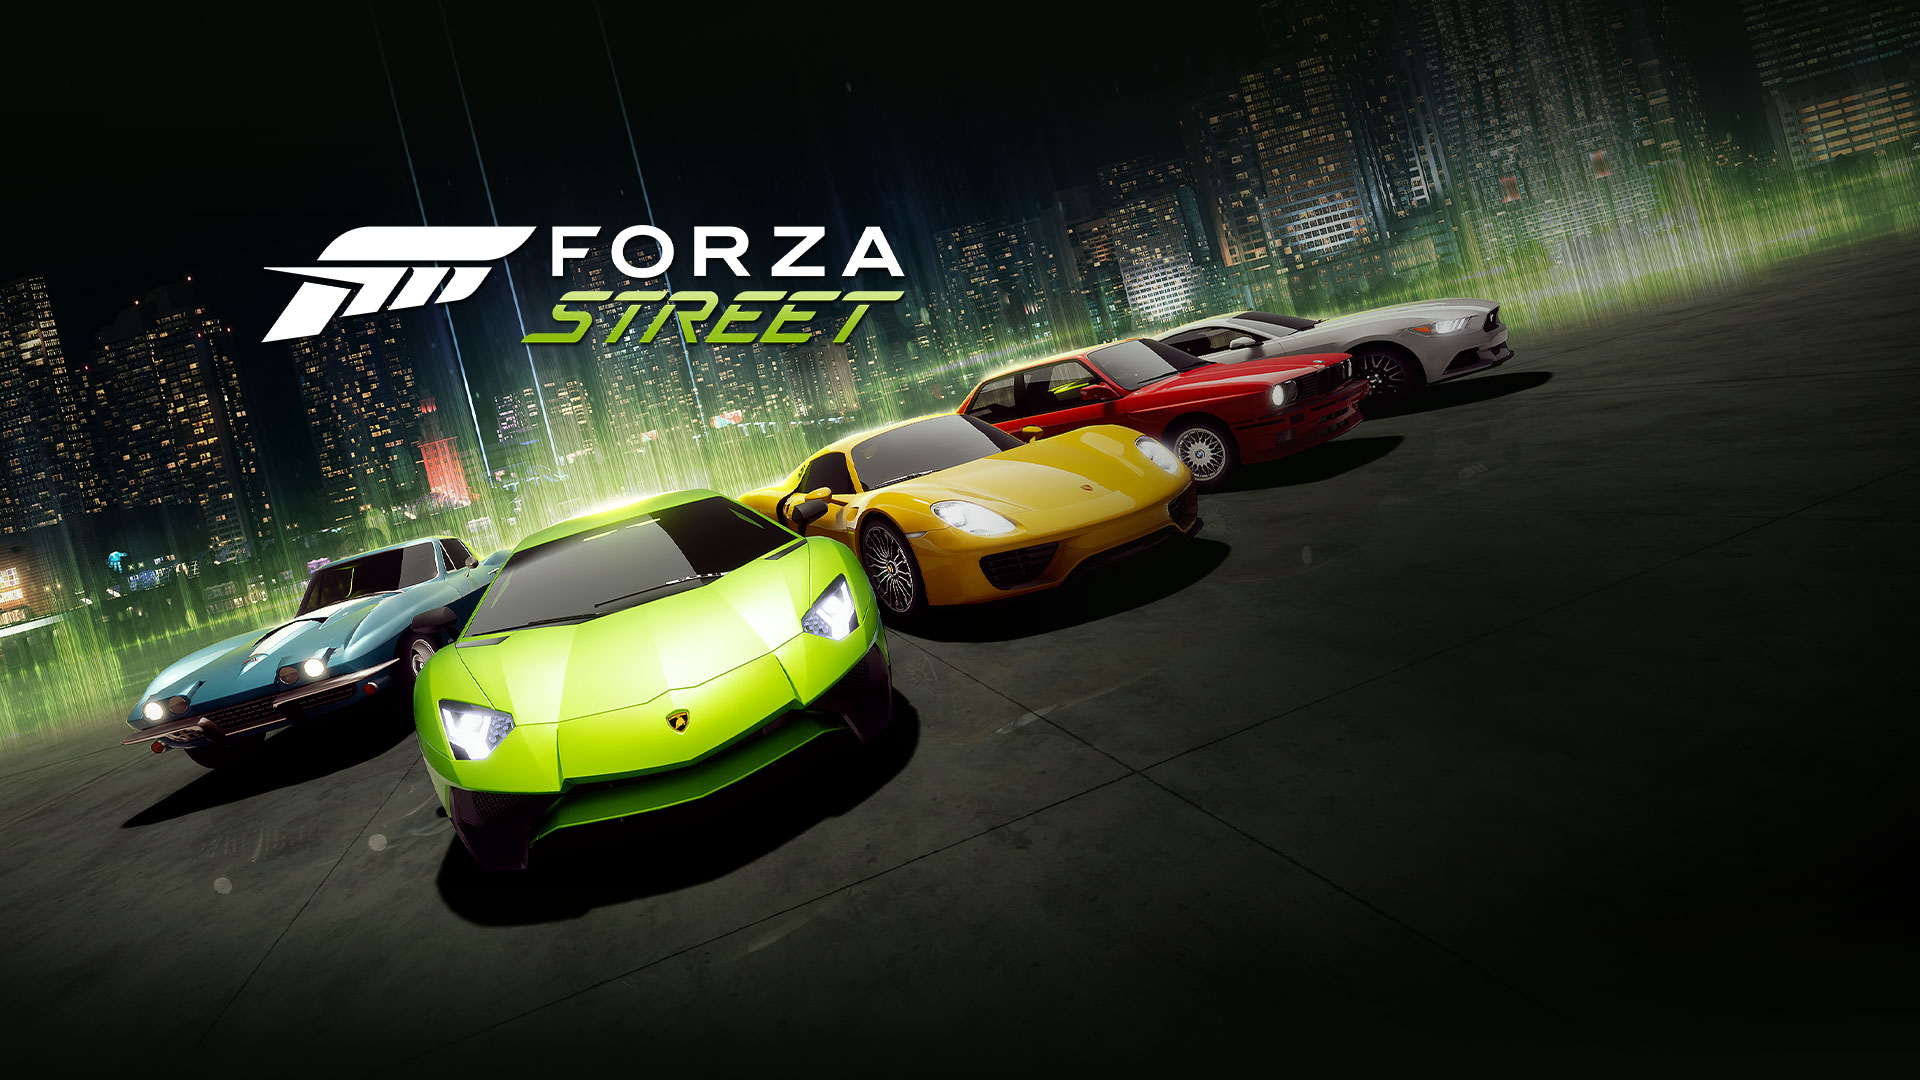 Forza Street For Windows 10 Xbox